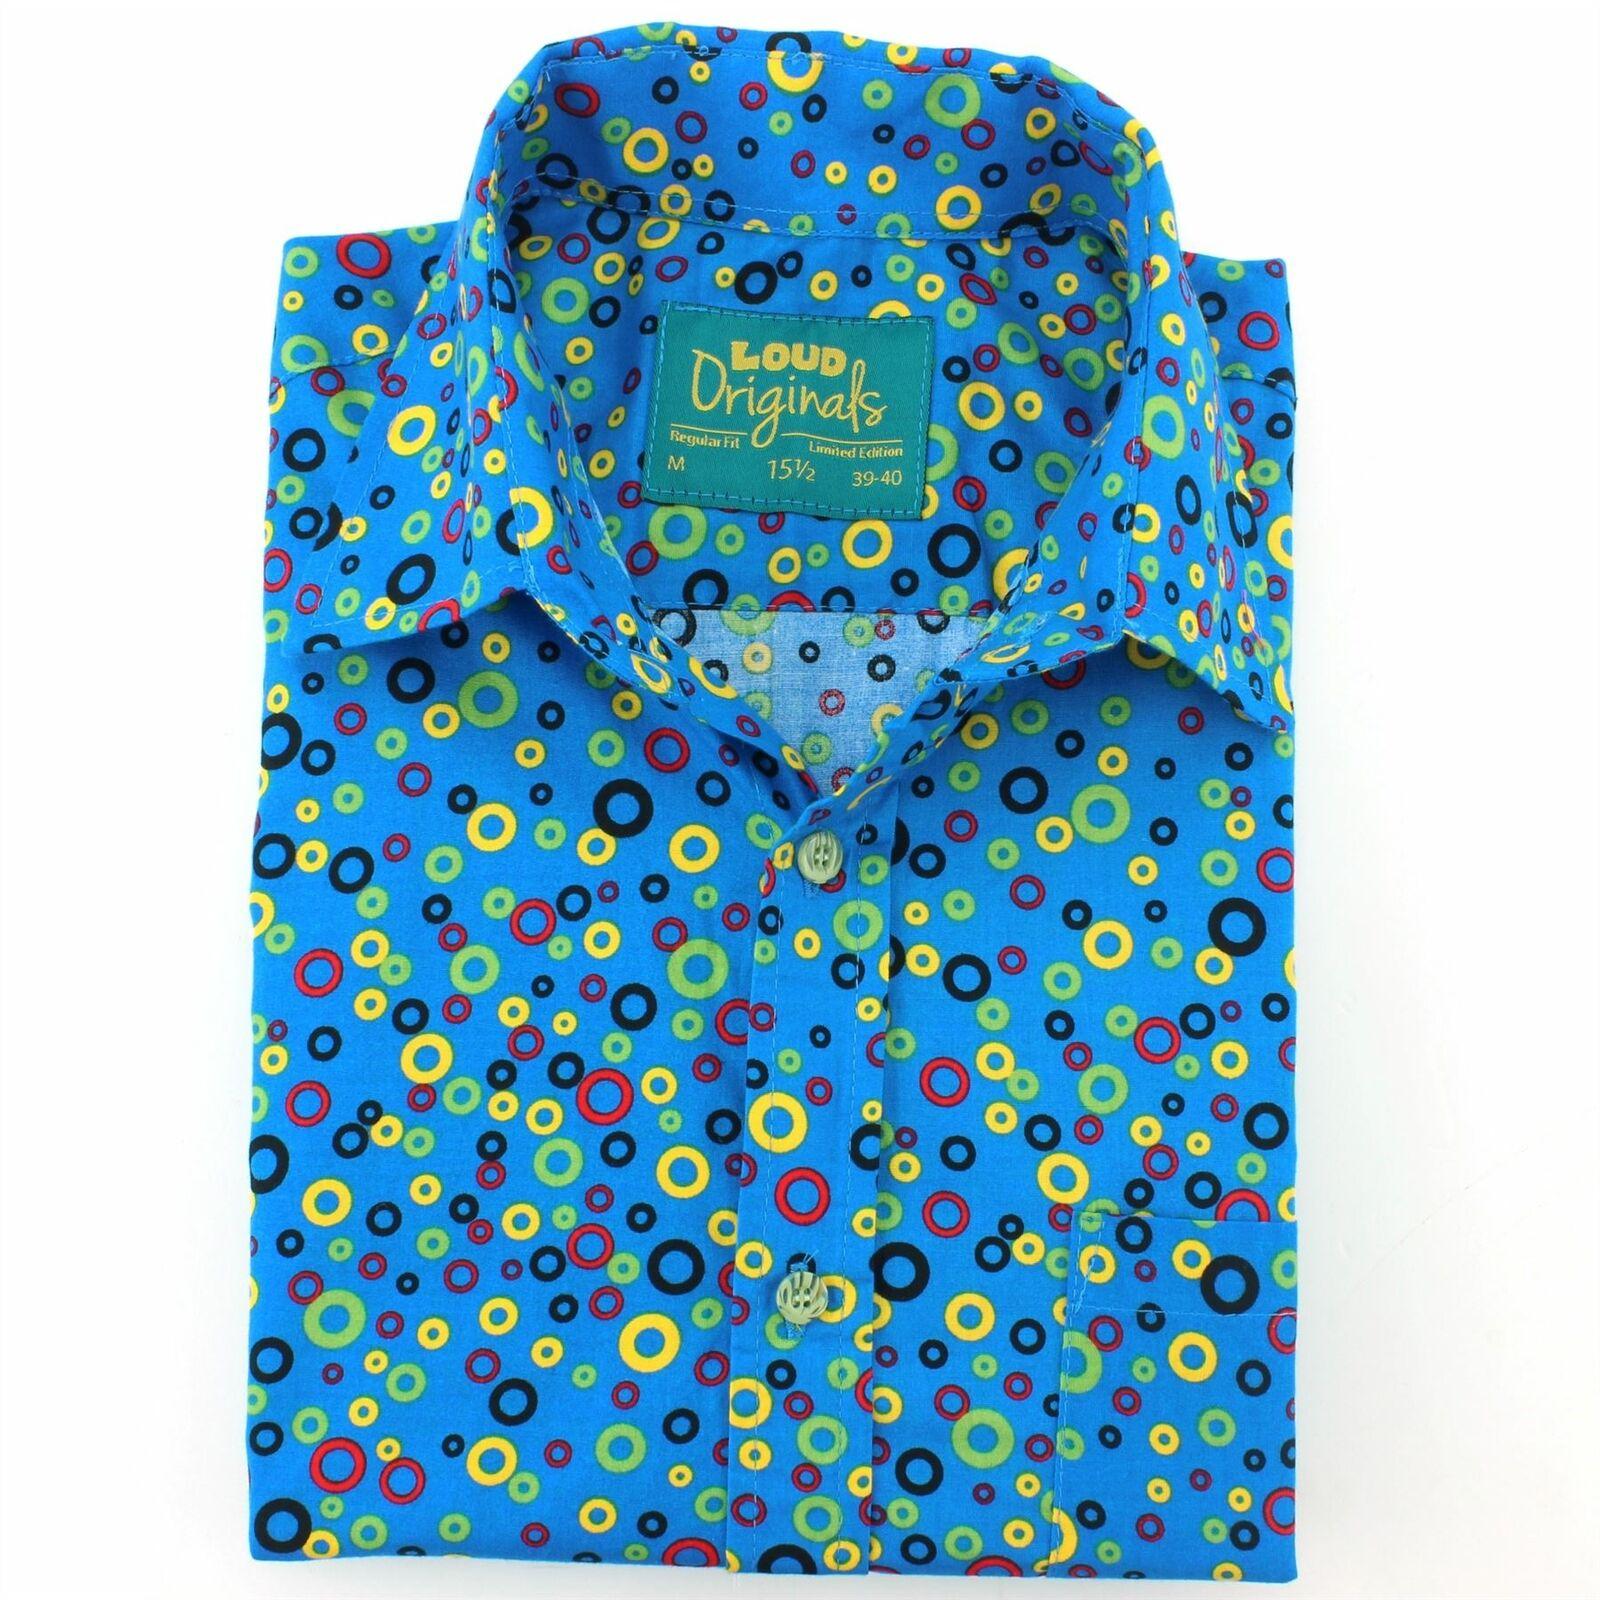 Herren Shirt Loud Loud Loud Originals Regular Fit Geometrisch Blau Retro Psychedelic Fancy | Wir haben von unseren Kunden Lob erhalten.  ecee18